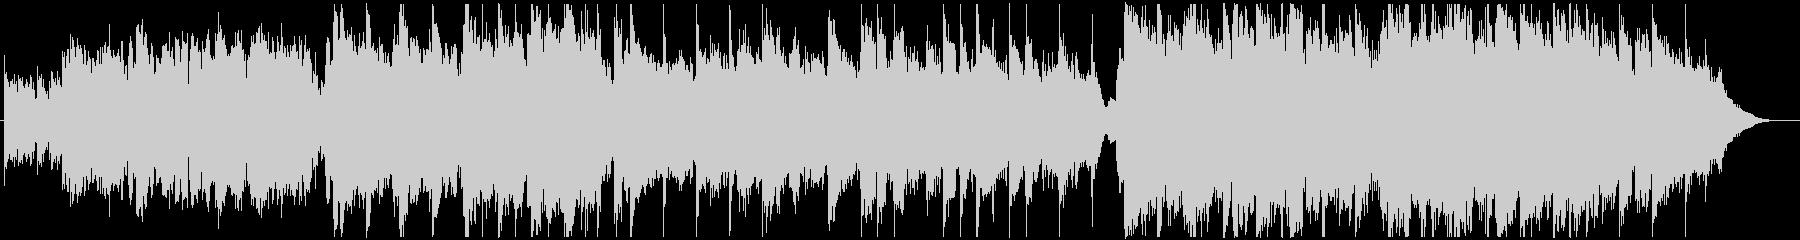 アコースティック楽器による優しいBGMの未再生の波形